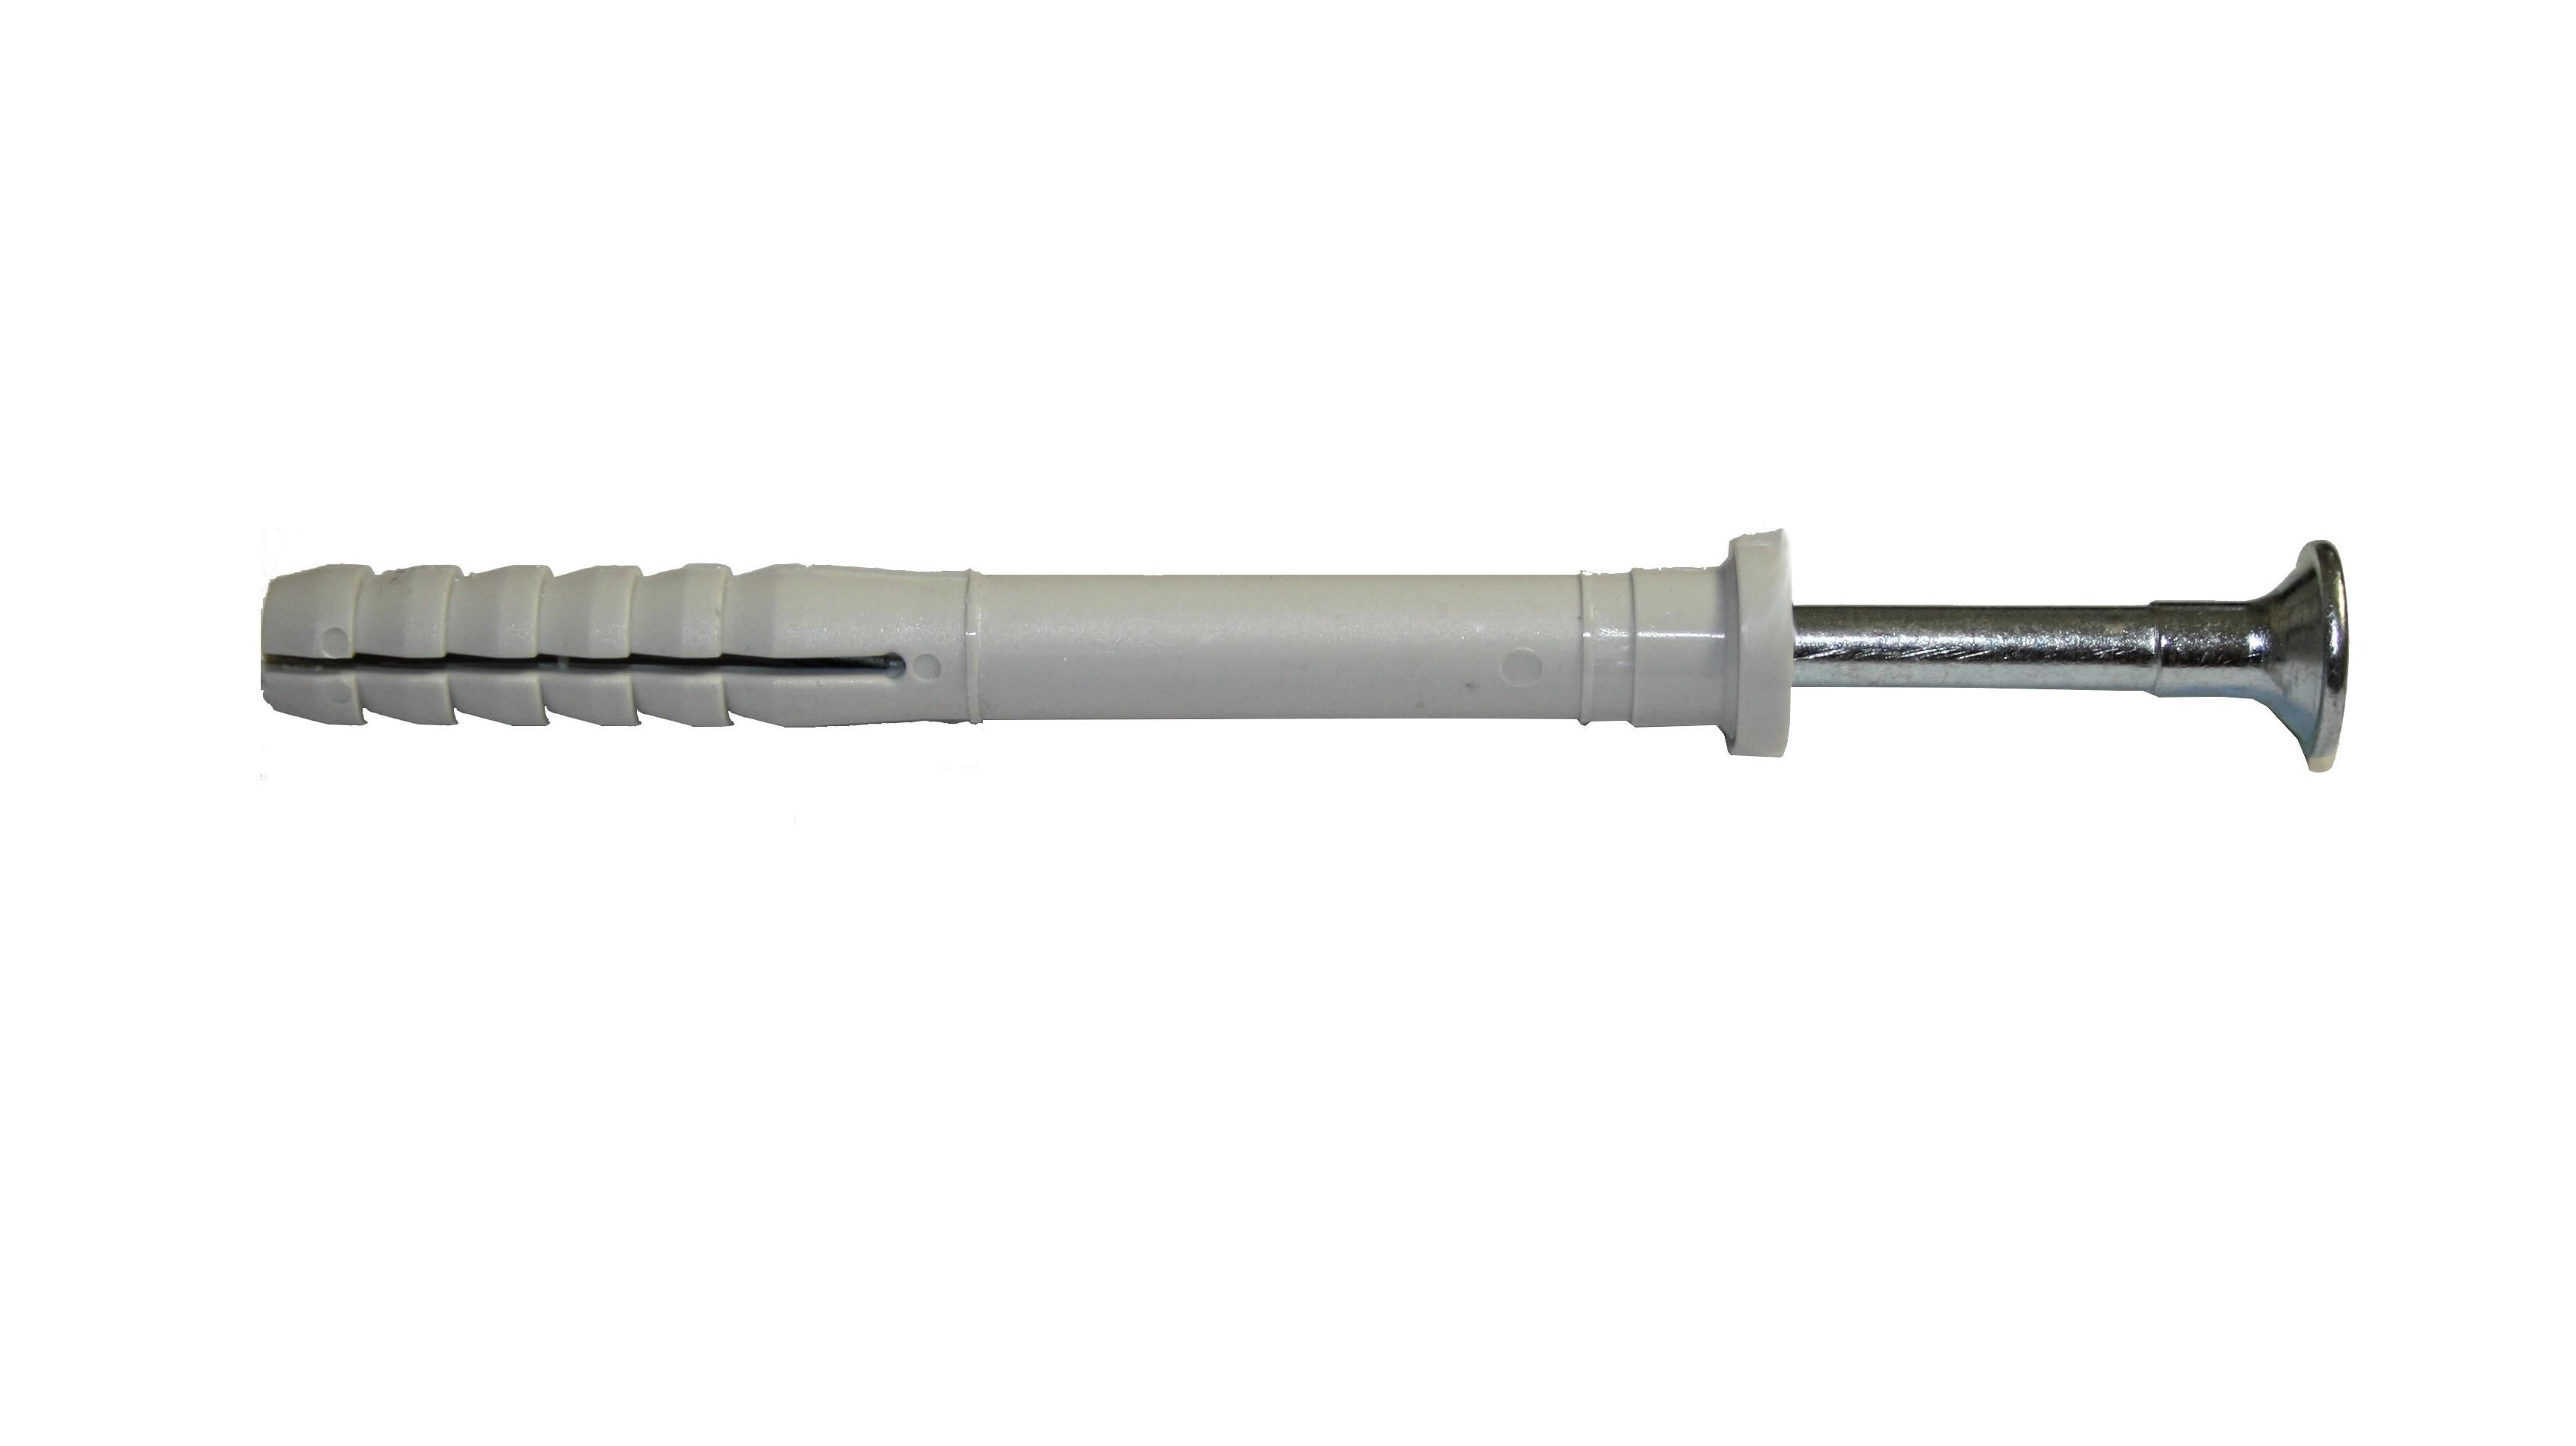 Hmoždinka natloukací 8x75mm plochá, nylon